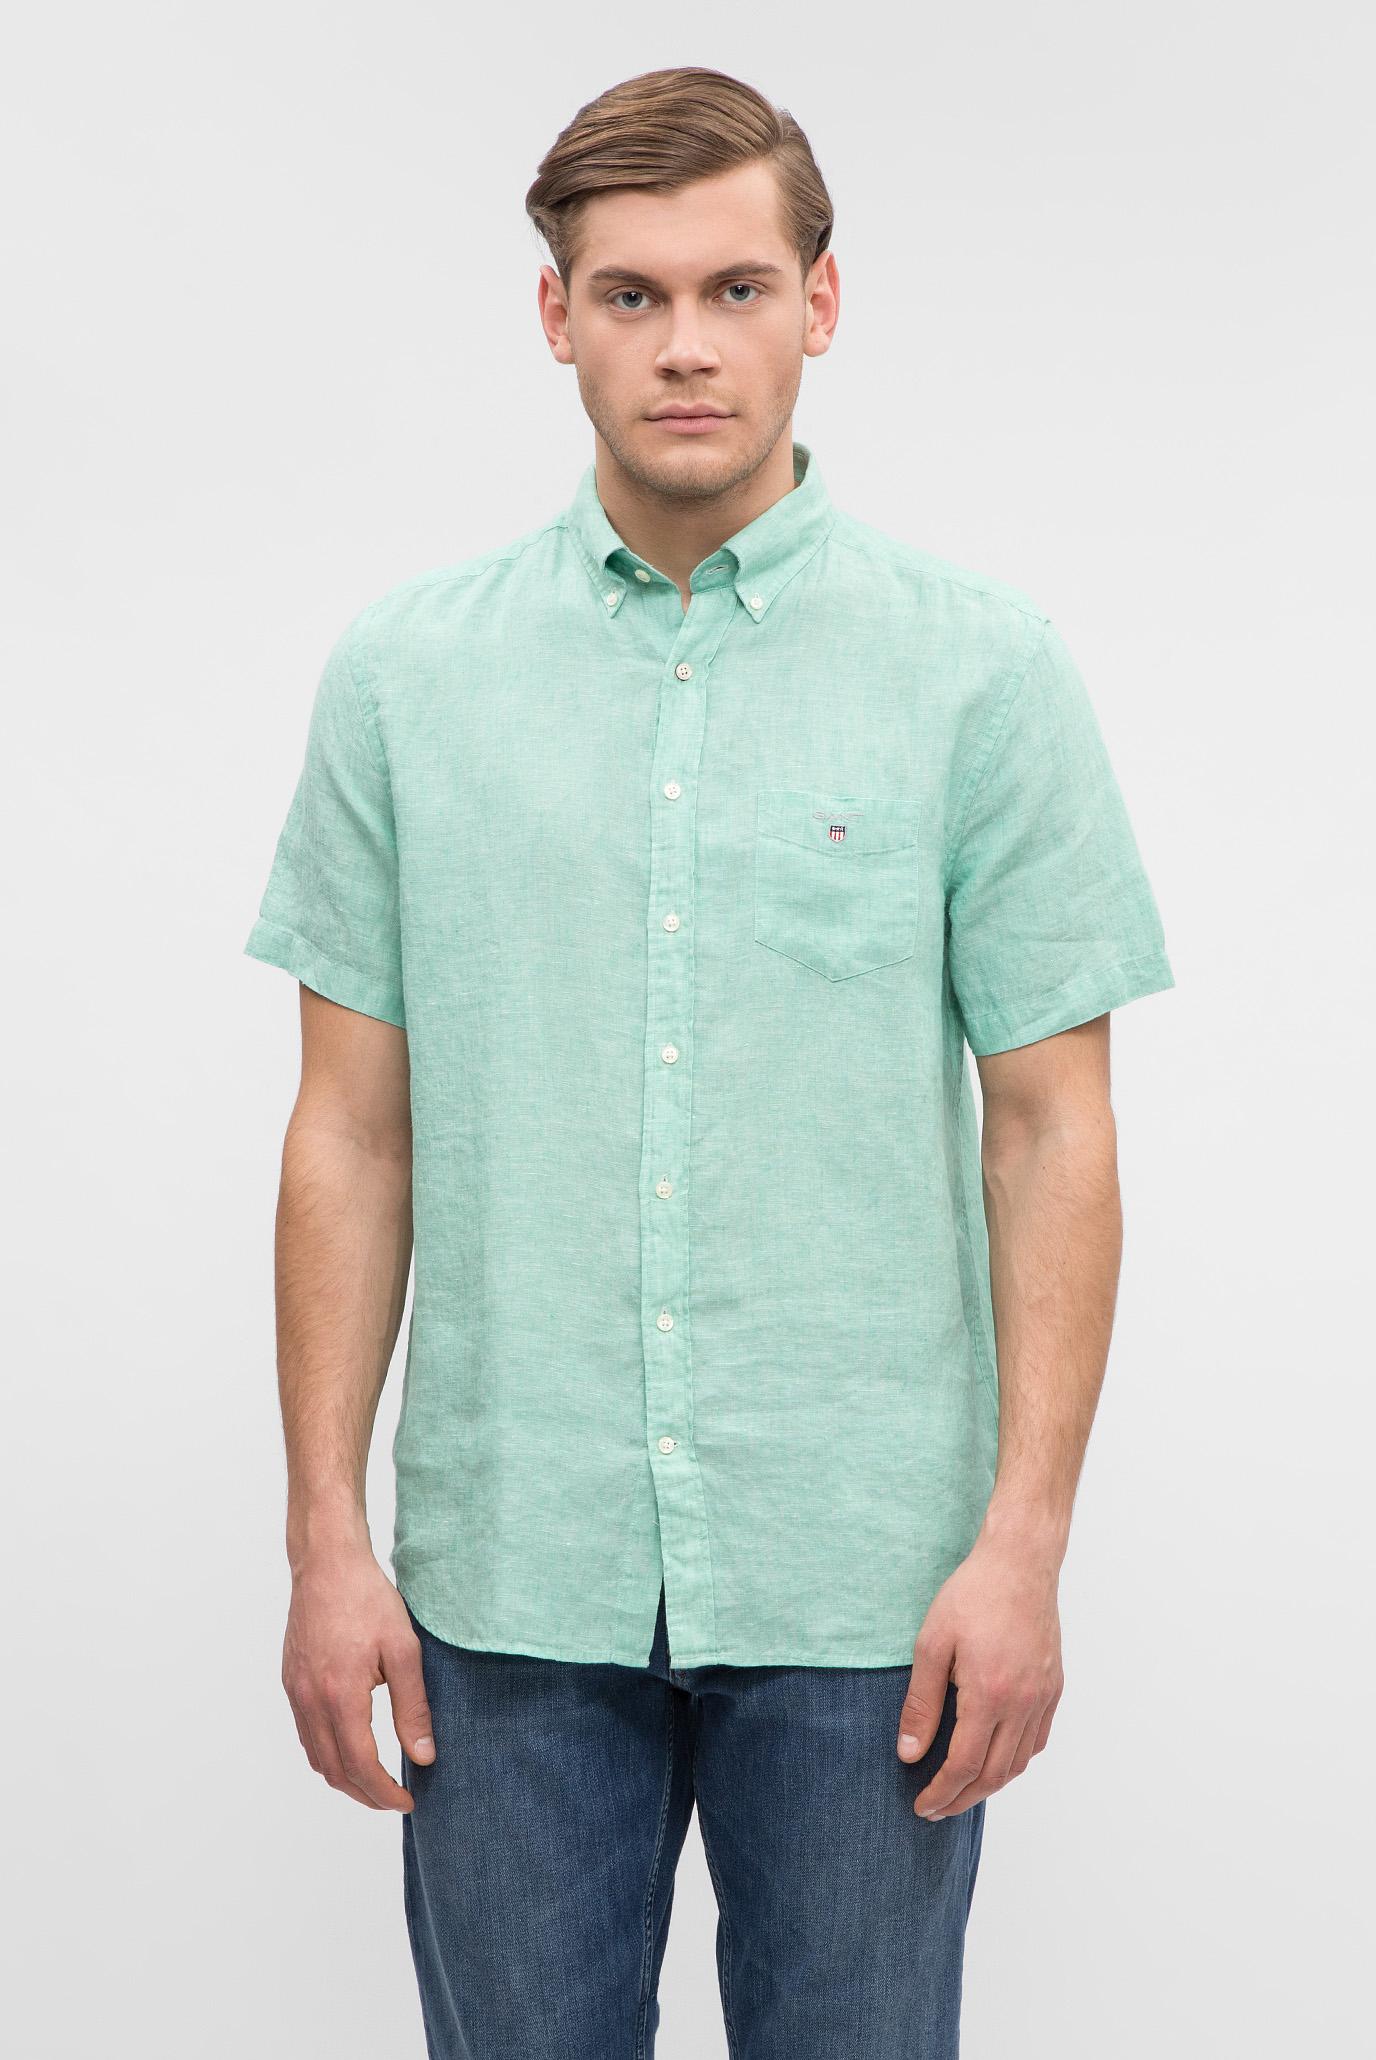 Купить Мужская ментоловая рубашка Gant Gant 3040621 – Киев, Украина. Цены в интернет магазине MD Fashion